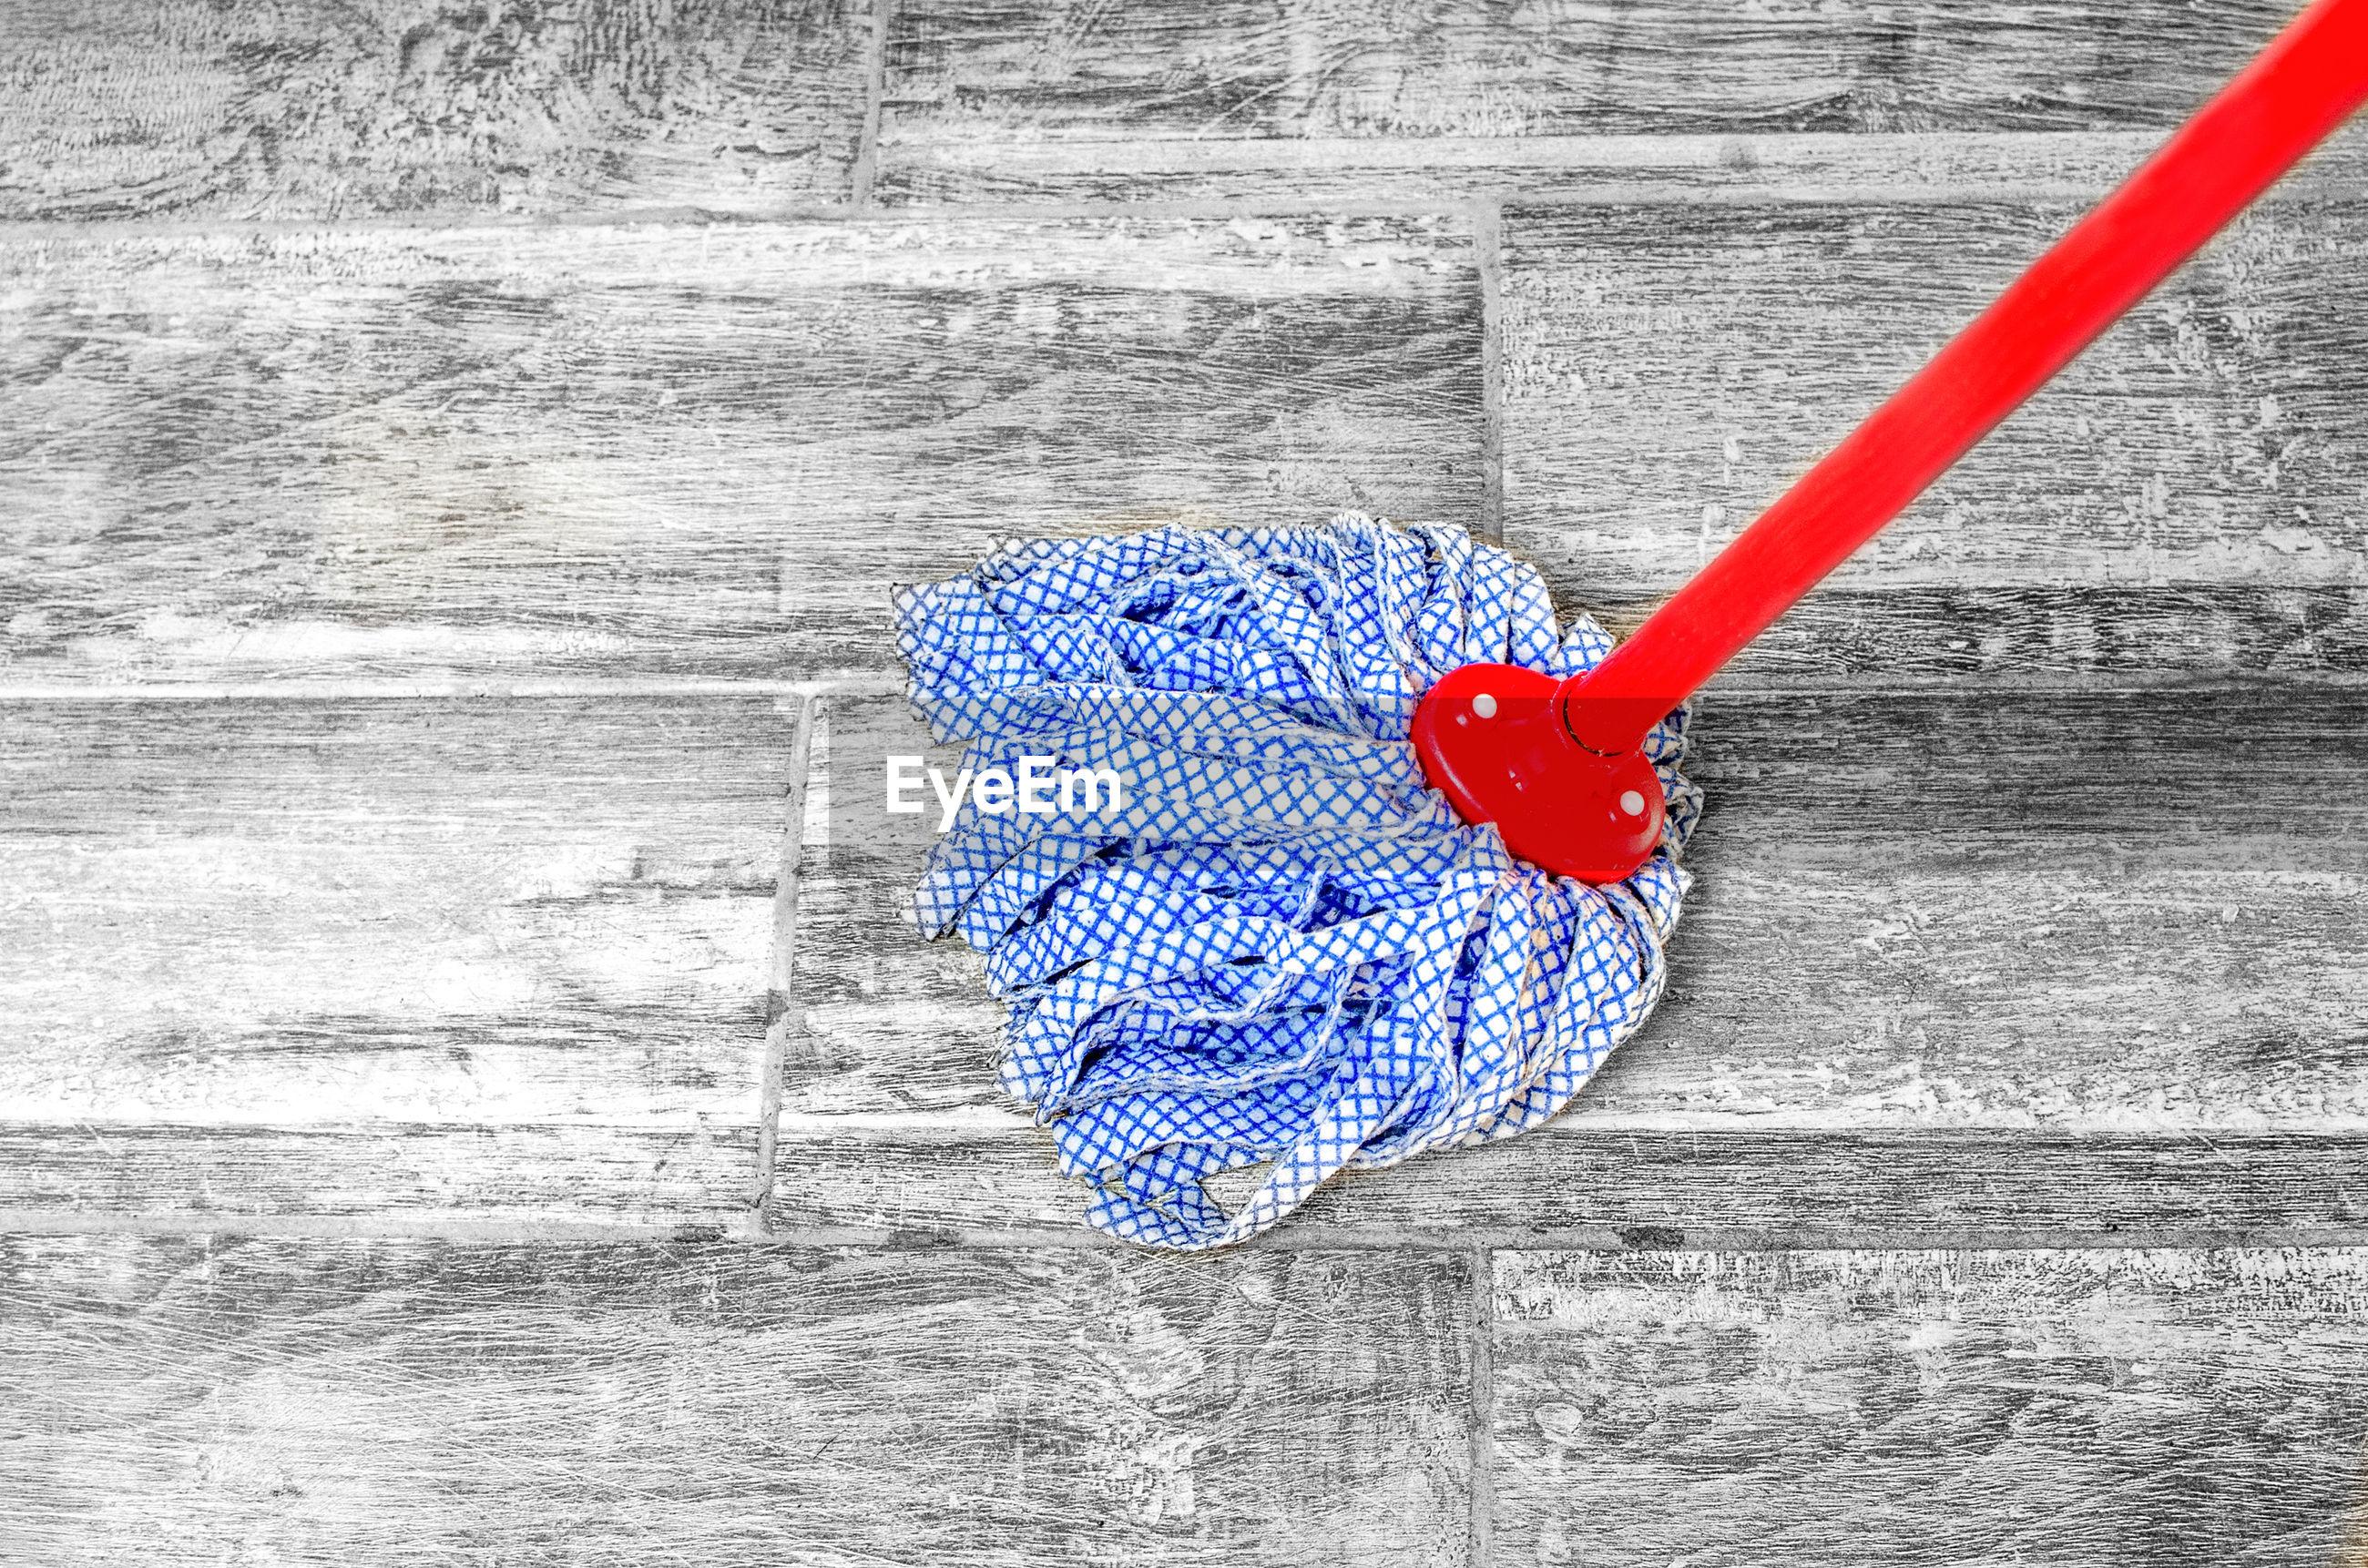 Wipe floor mop - chores housekeeping